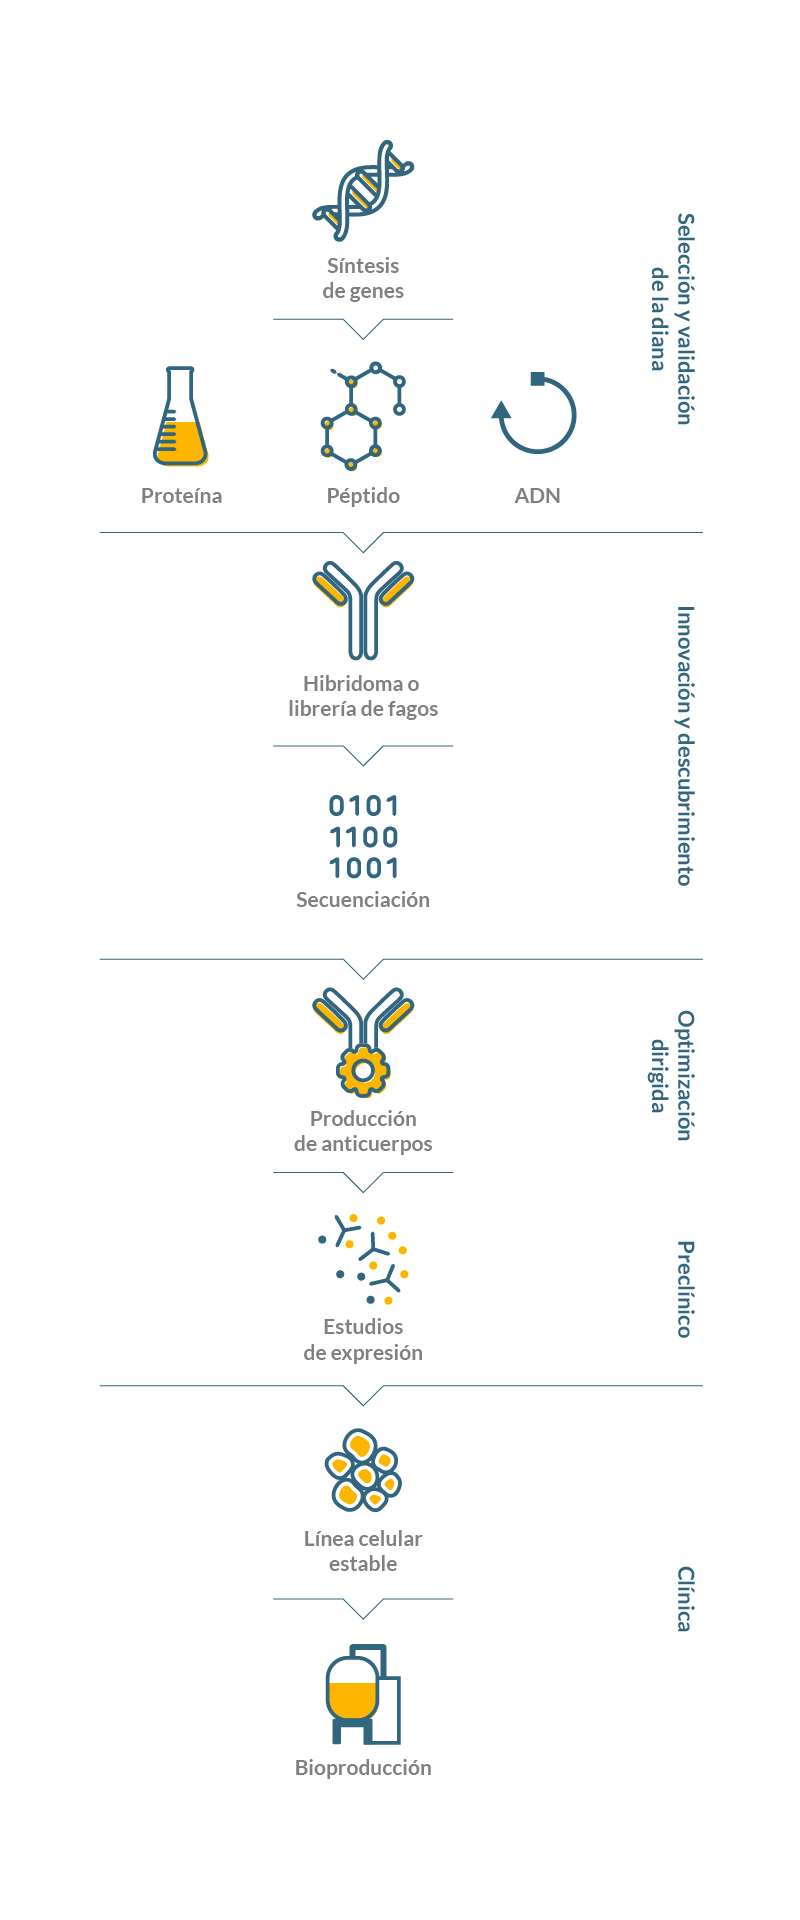 Soluciones integradas en biotecnología